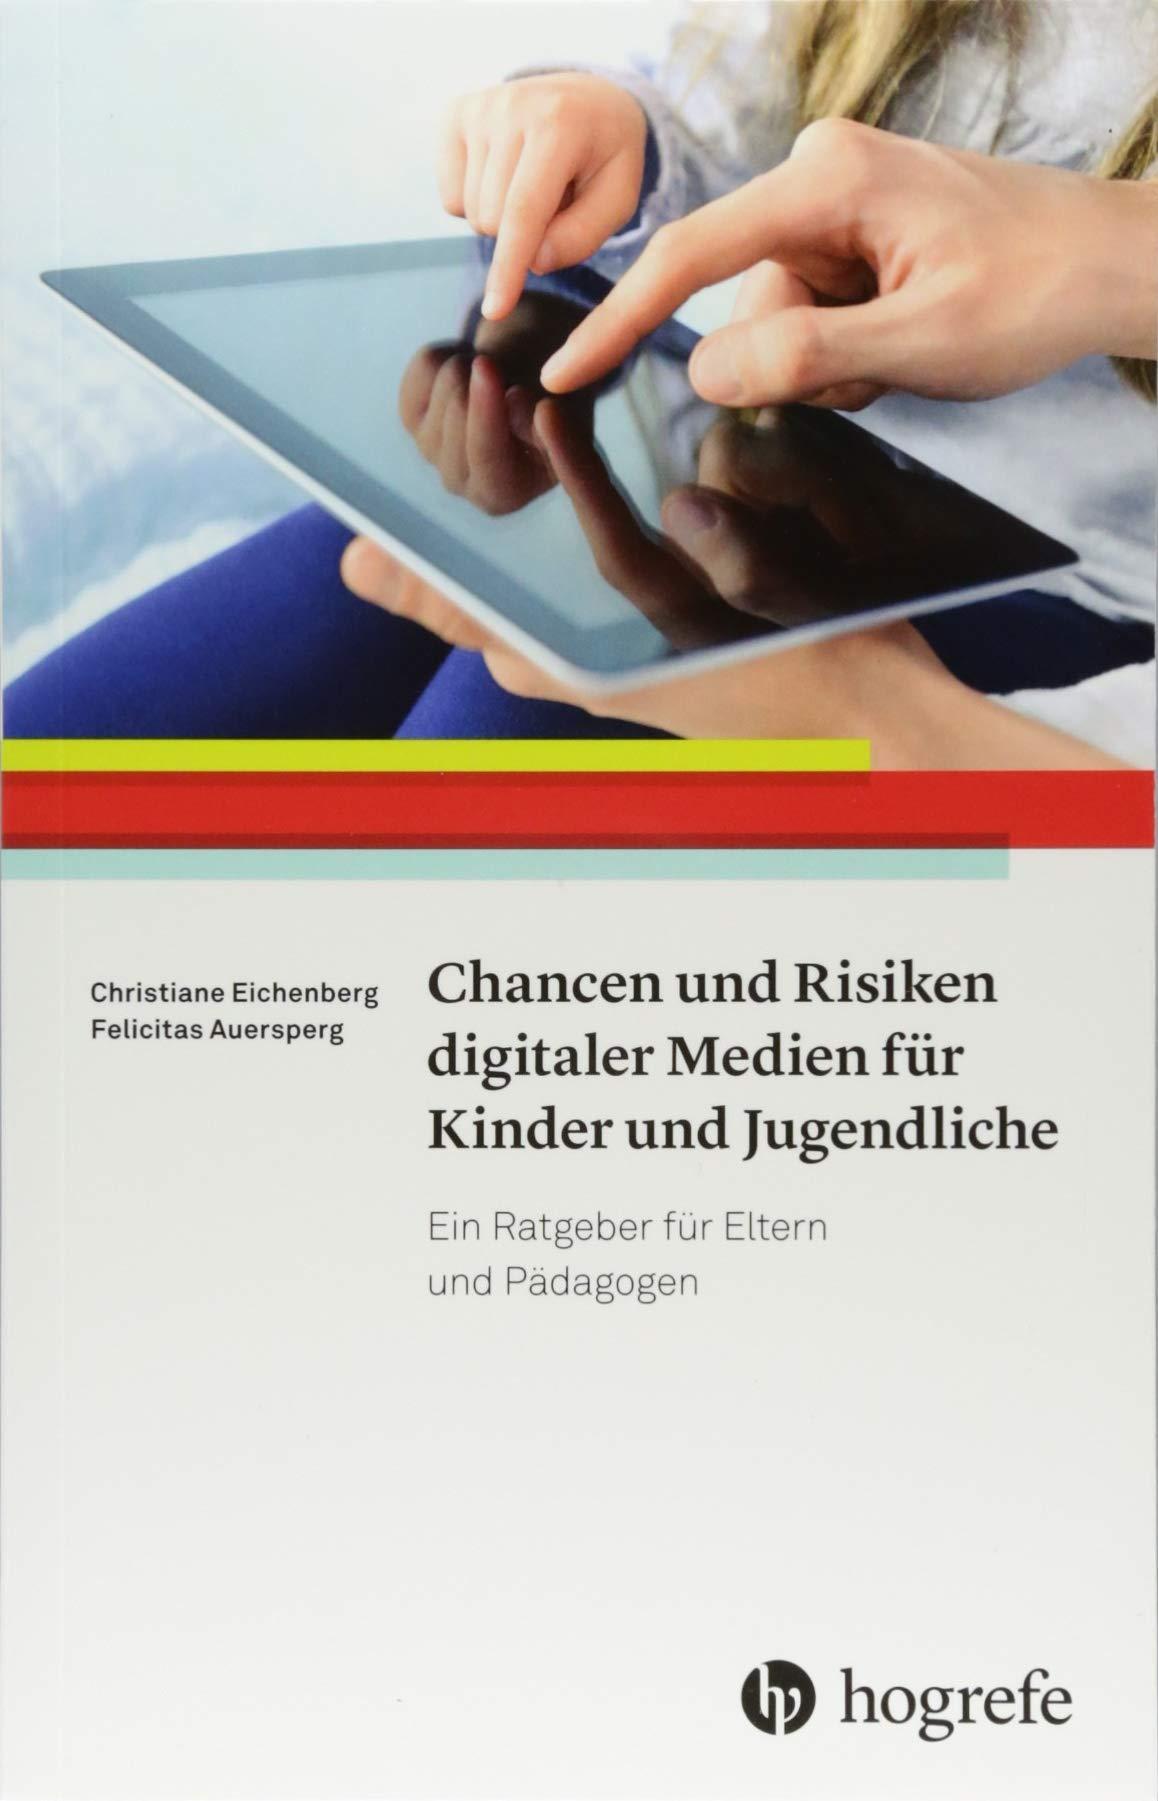 Eichenberg & Auersperg (2018)